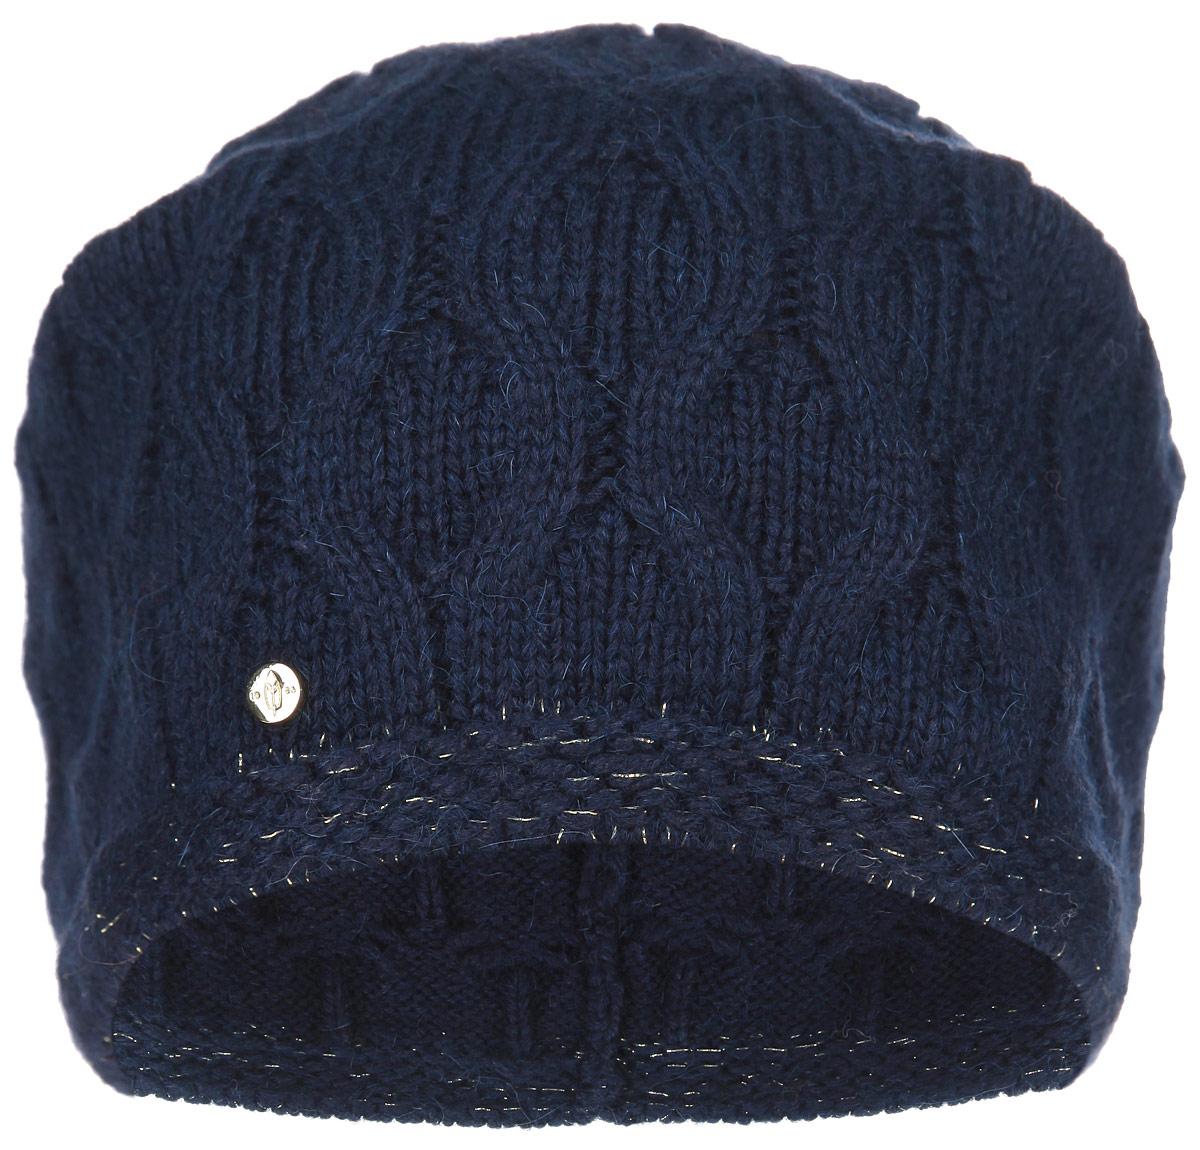 Шапка3446880Теплая женская шапка Canoe Zita выполнена из лёгкой и мягкой альпаки в смеси шерсти и акрила. Добавленный в ручную неаполитанский люрекс, создаёт утончённость и эксклюзивность изделию. Шапка превосходно сохраняет тепло, мягкая и идеально прилегает к голове. Такая шапка идеально дополнит ваш образ.